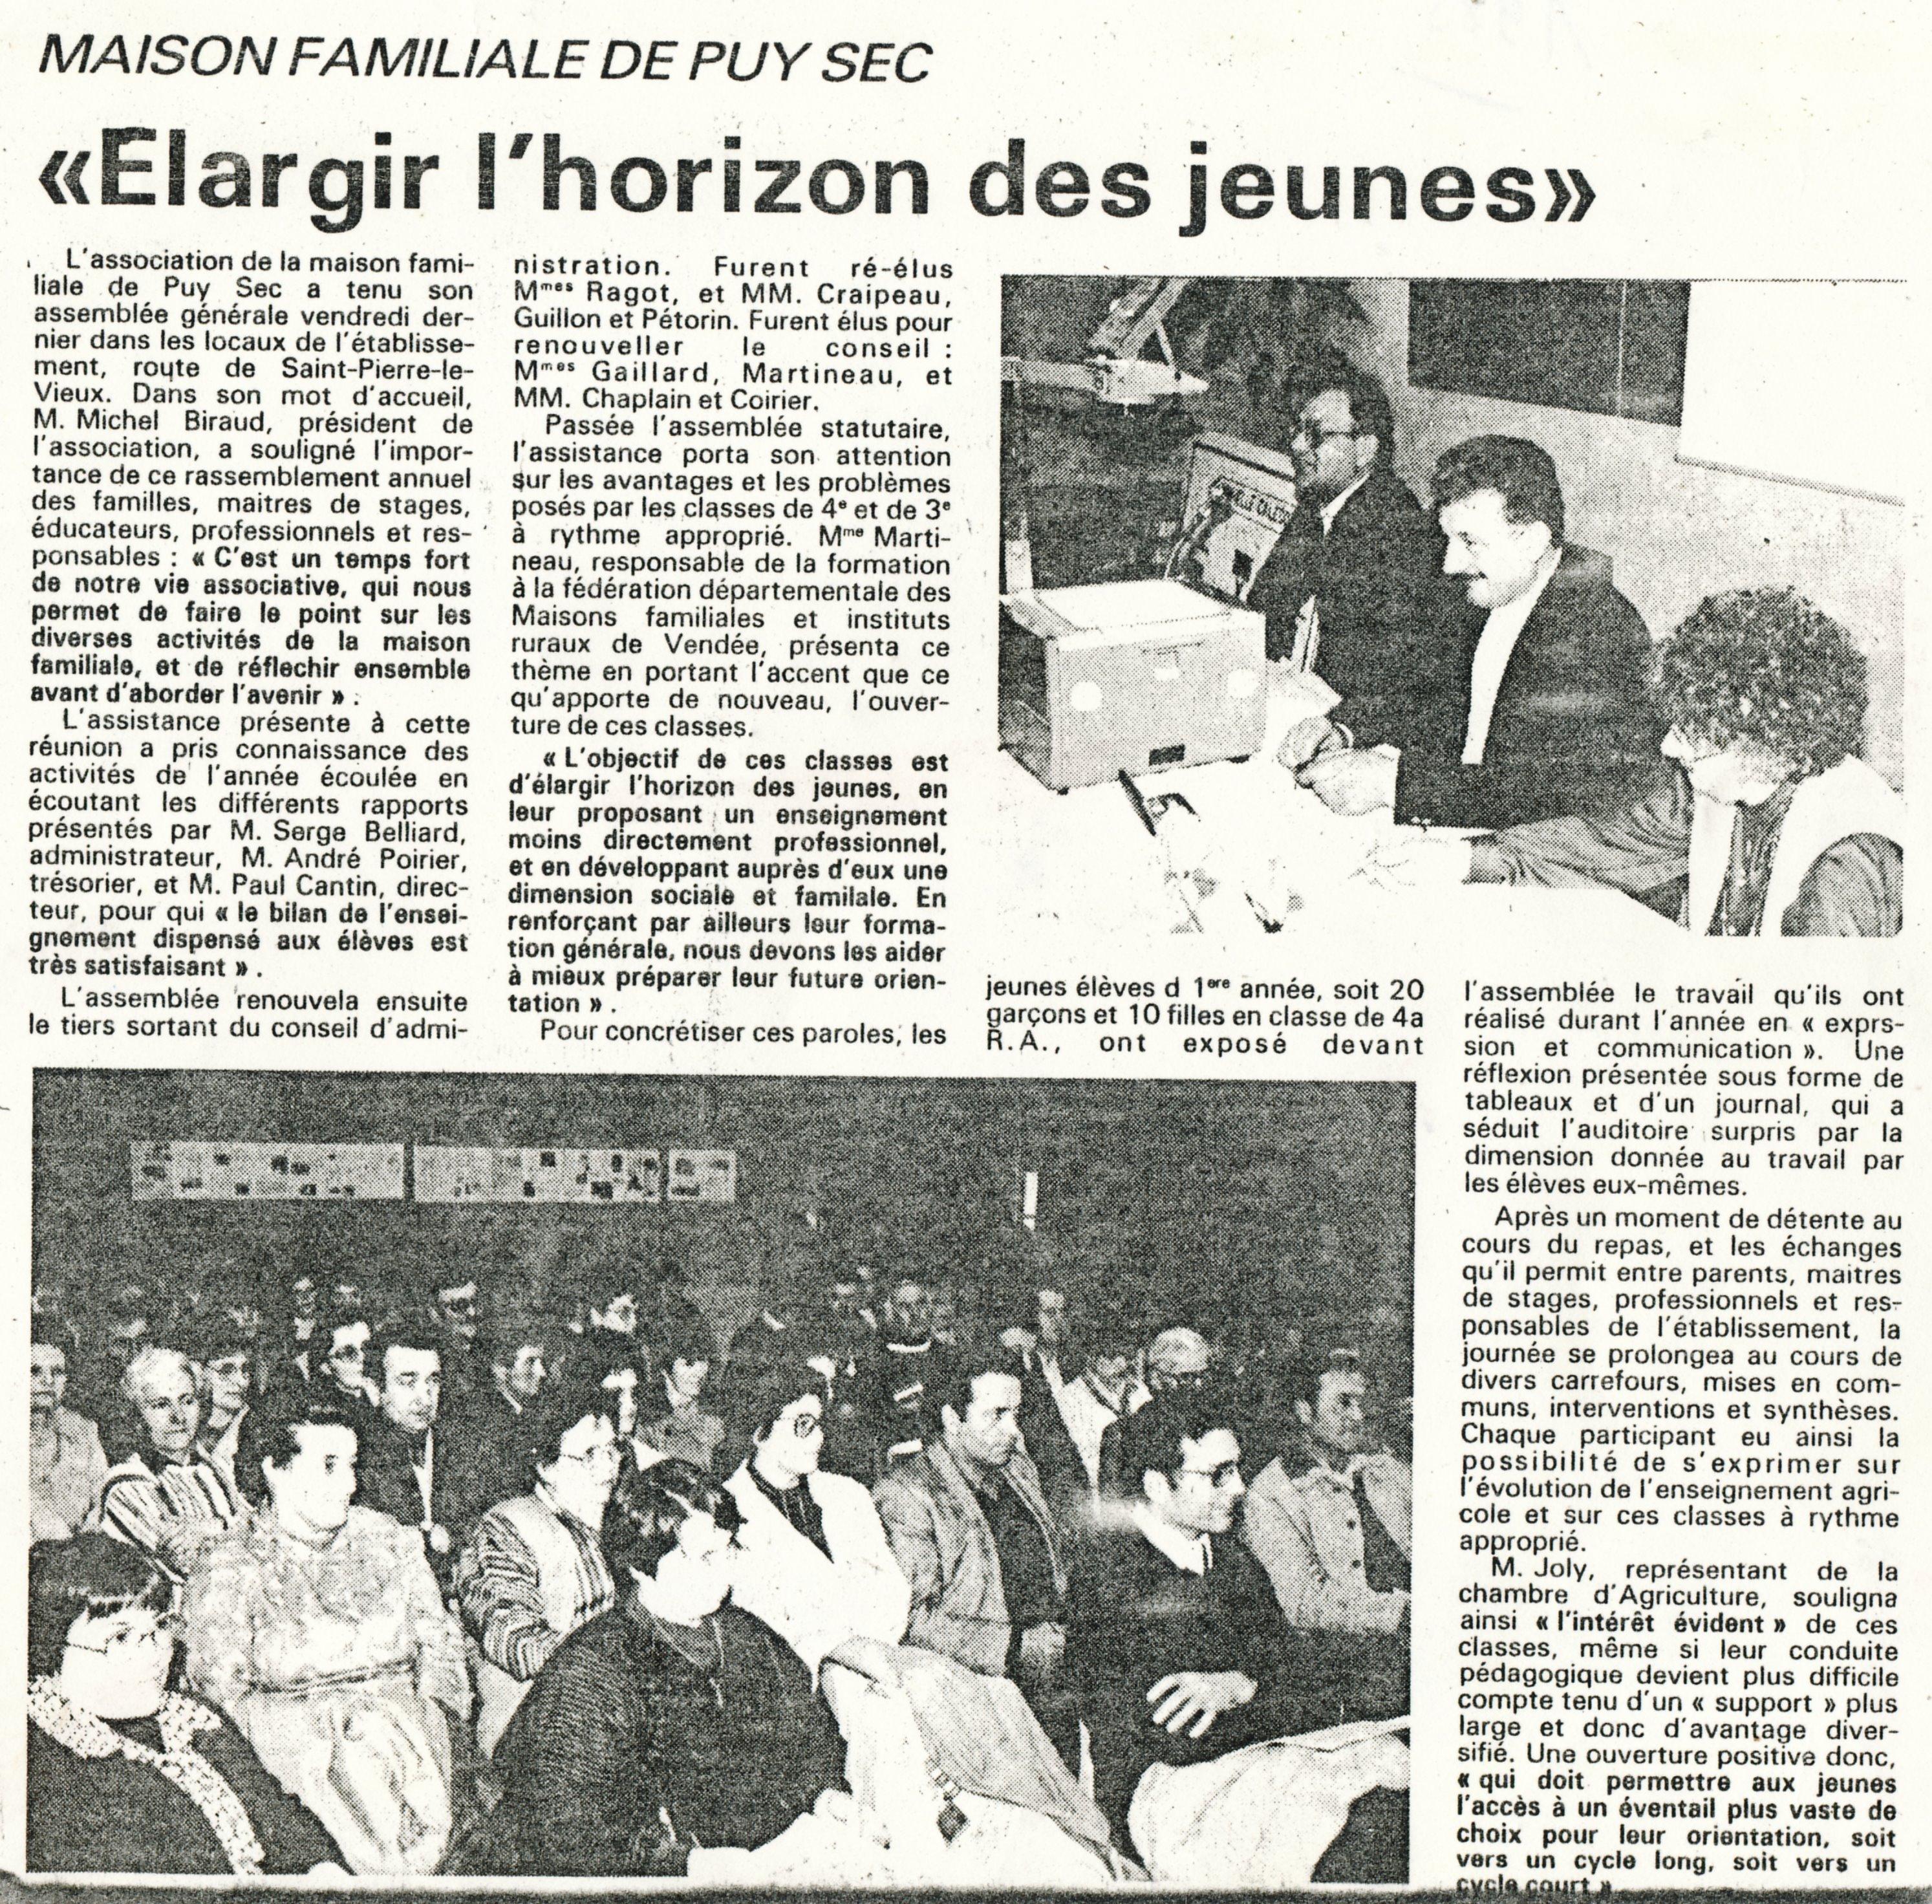 Archives anciens élèves mfr puy-sec 1985 (2)